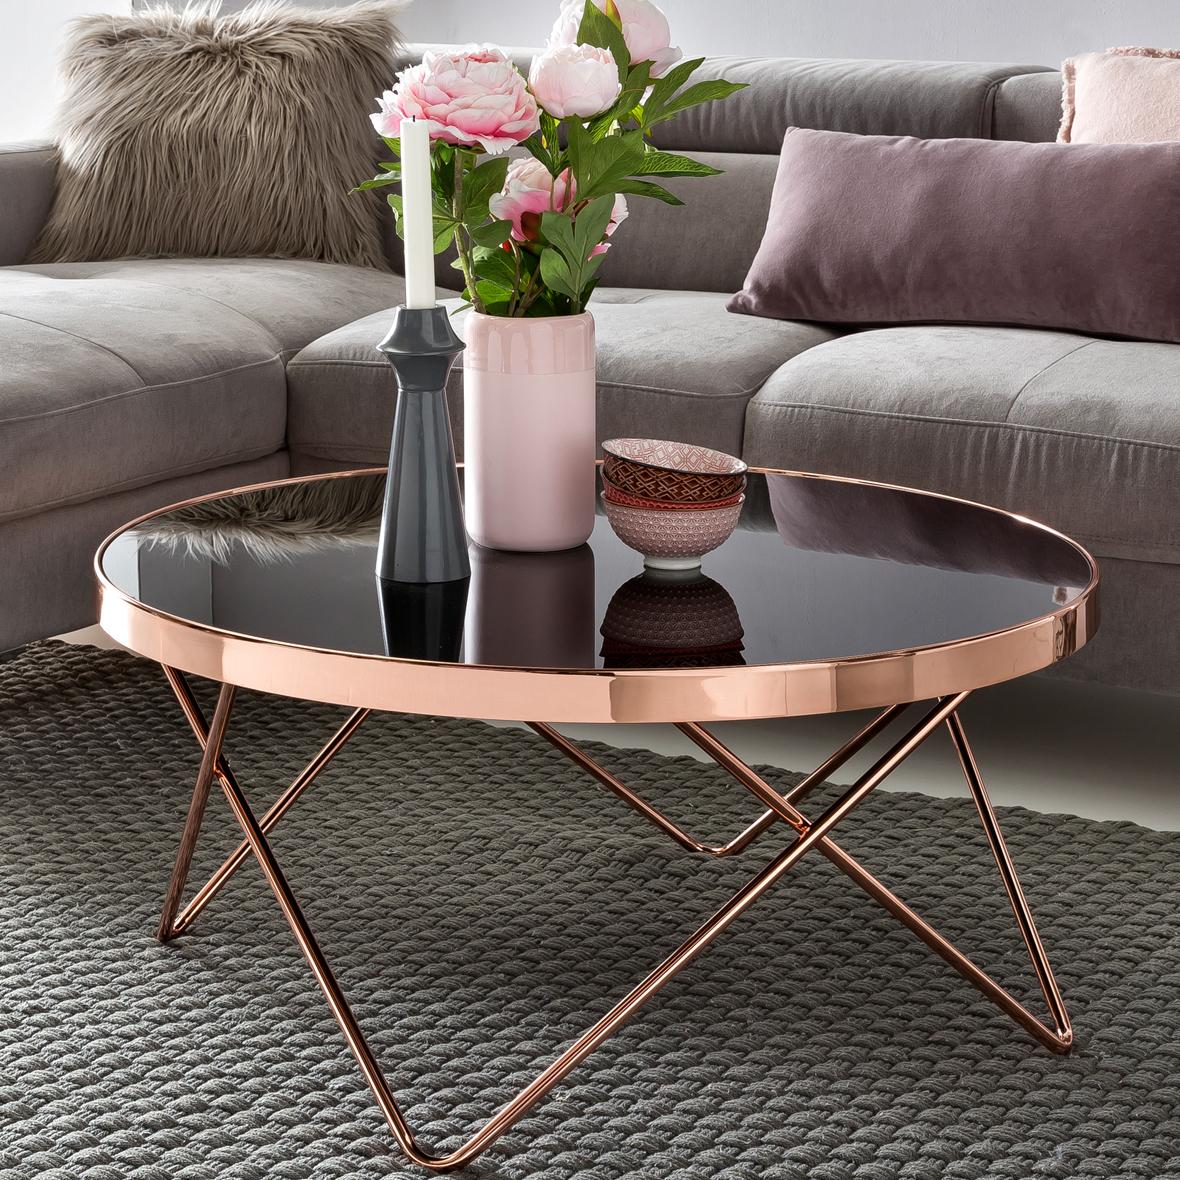 Design Couchtisch Round Glas Kupfer Wohnzimmertisch 82cm Rund Lounge